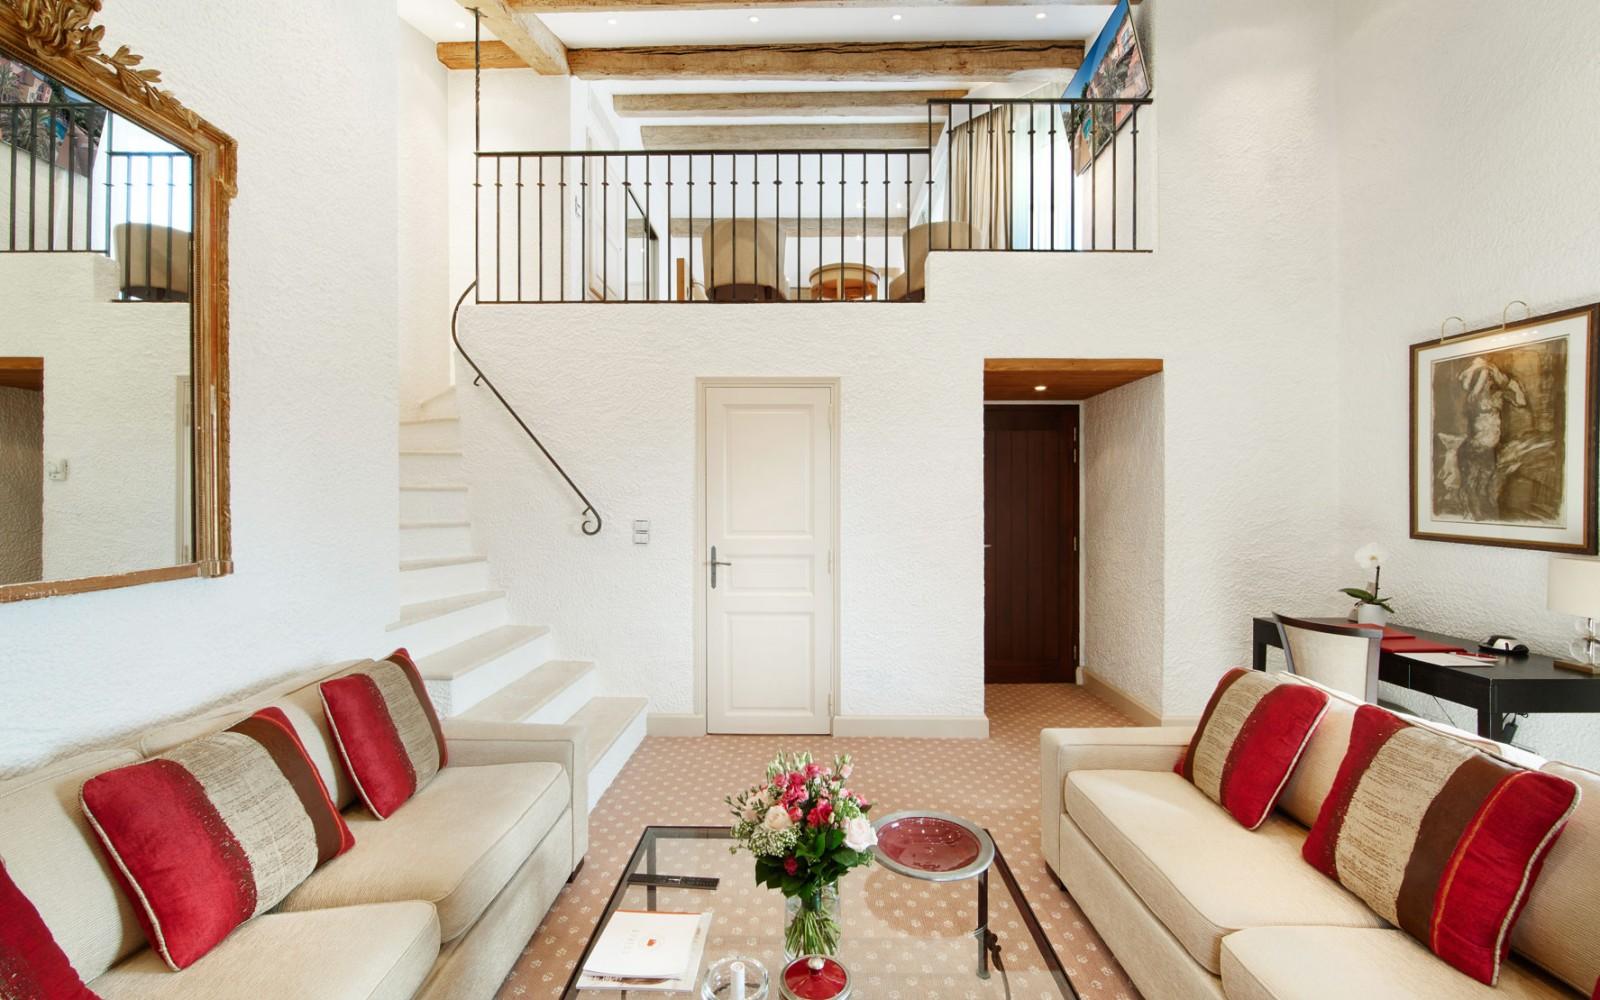 Hotel_Byblos_Saint-Tropez_Duplex-Suite-245-1